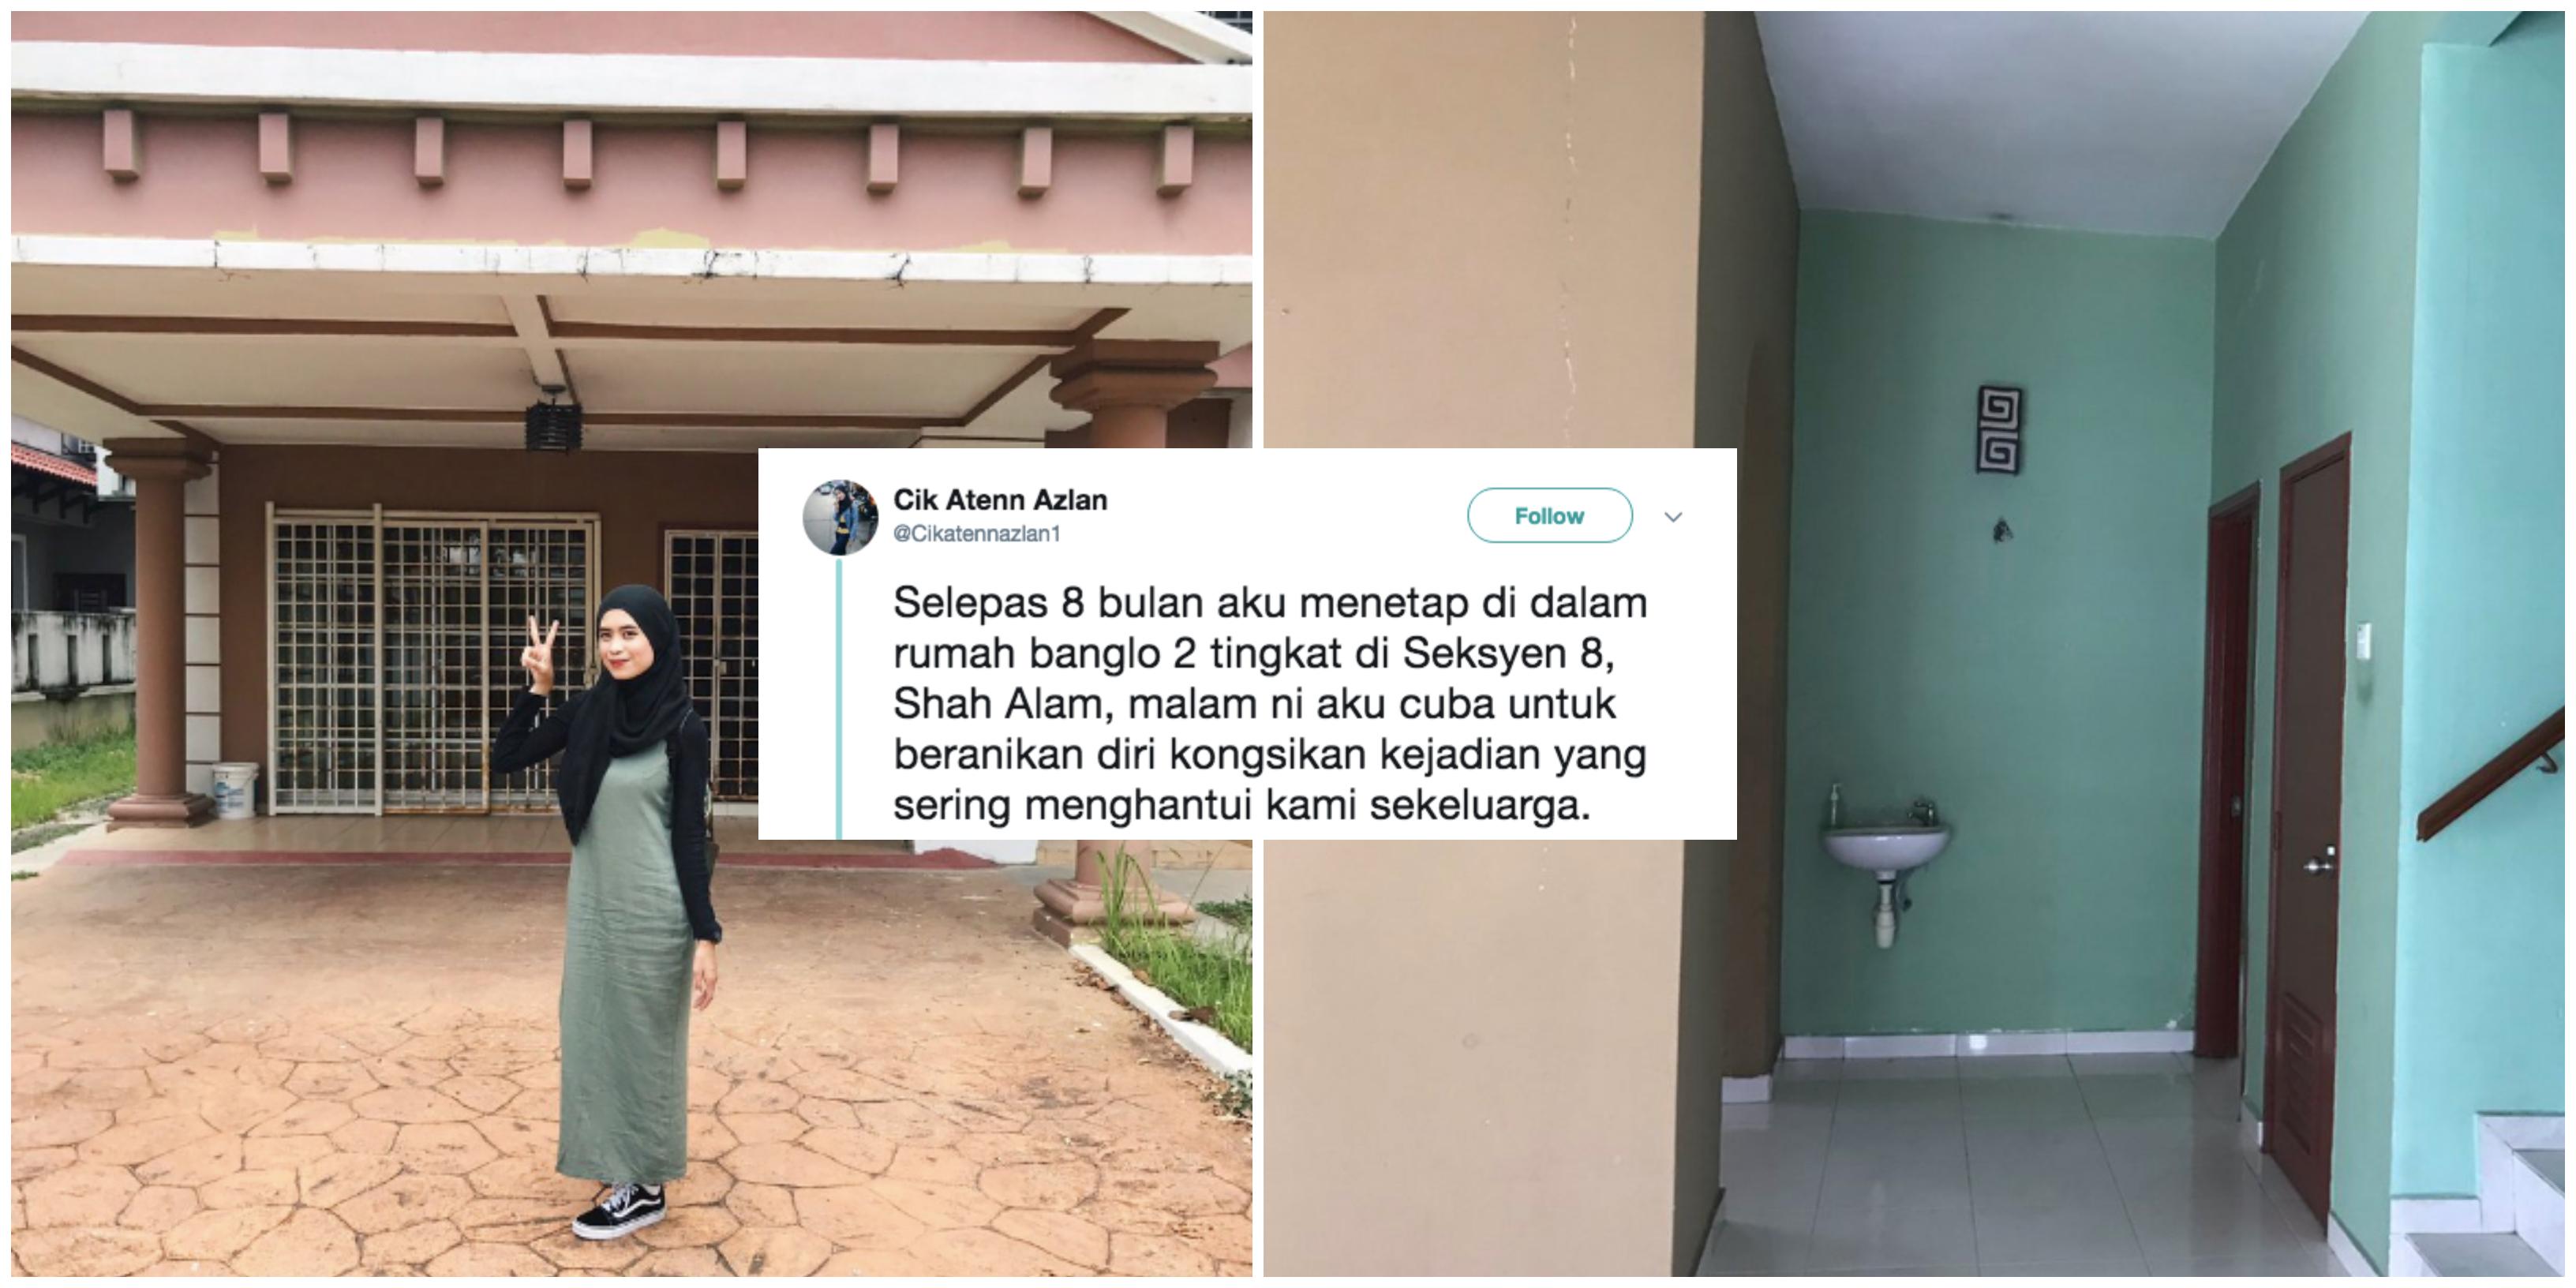 Patut Lah Harga Sewa Rumah Banglo Di Shah Alam Rm1800 Je Murah Tapi Terpaksa Sakit